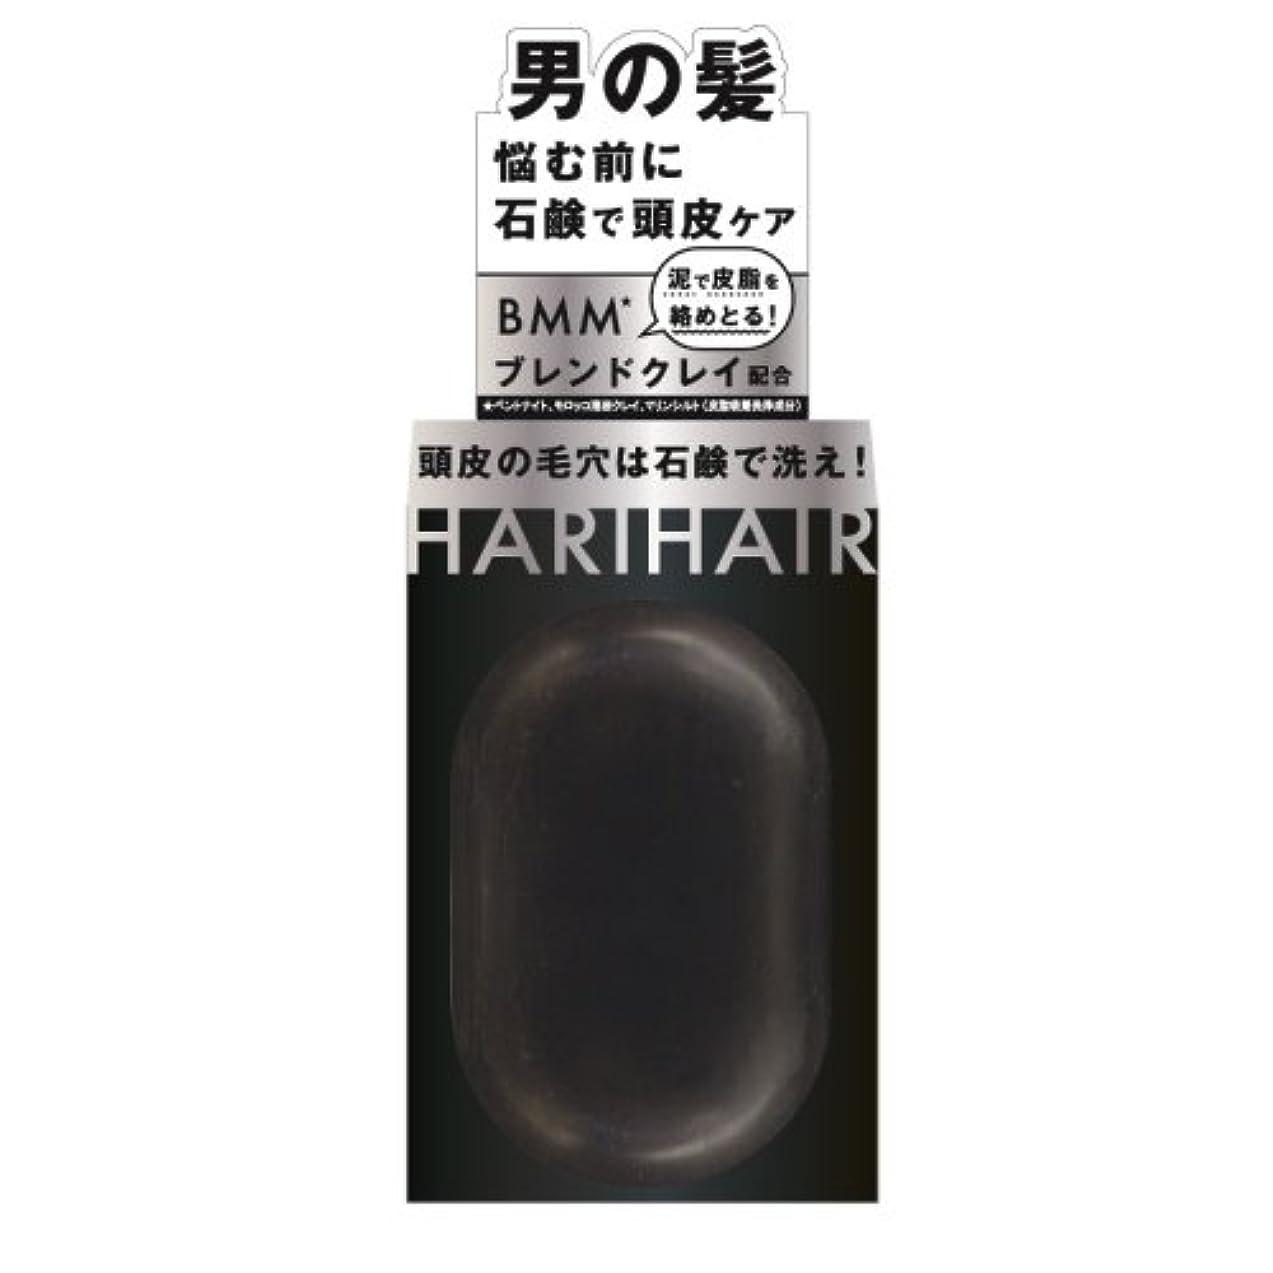 錆びうっかり顕微鏡ペリカン石鹸 ハリヘア 固形シャンプー 100g